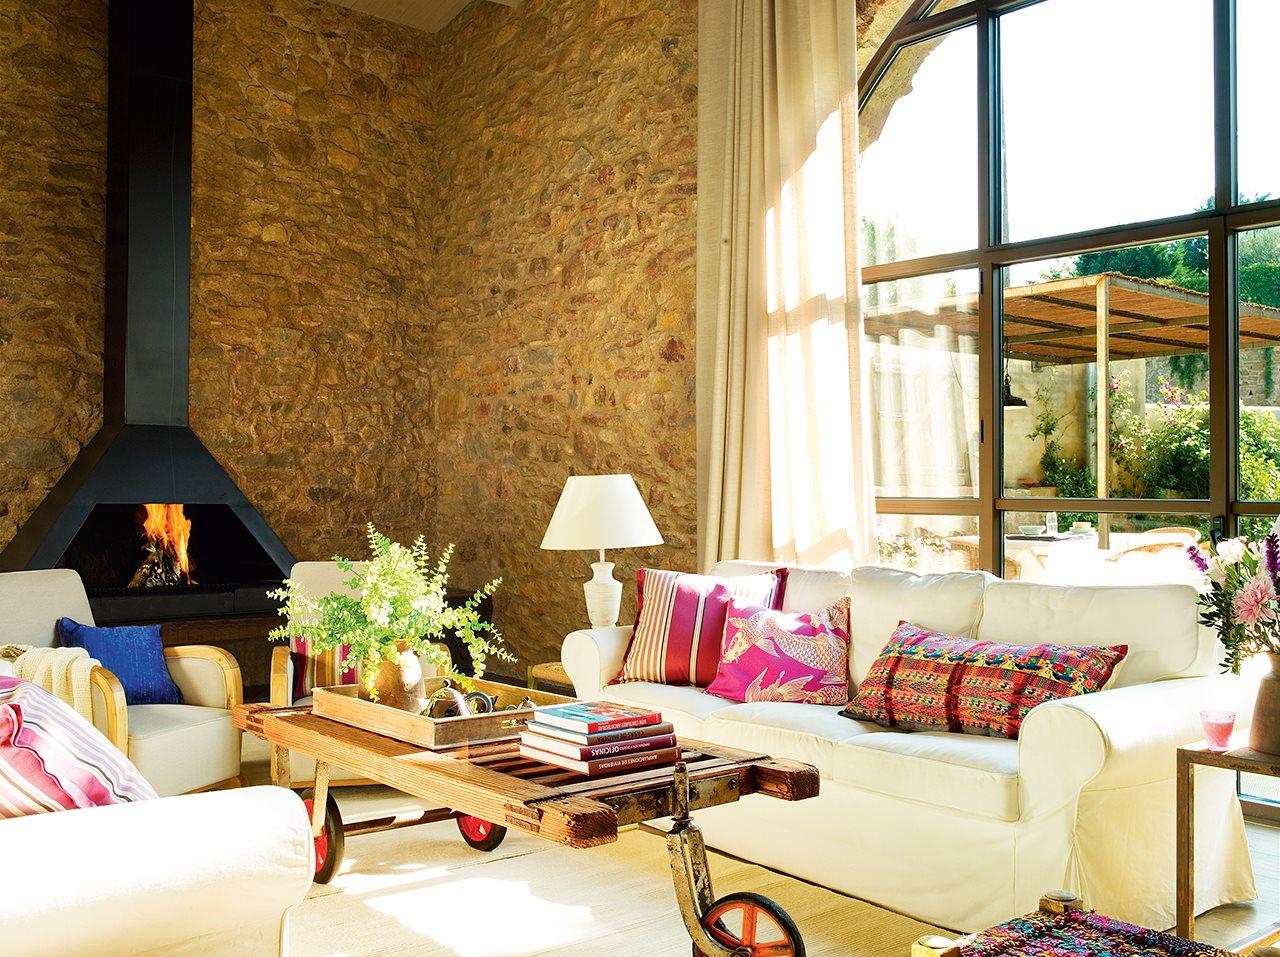 331 - De antiguo pajar a una casa con verdadero encanto en la costa del Ampurdán (Girona)